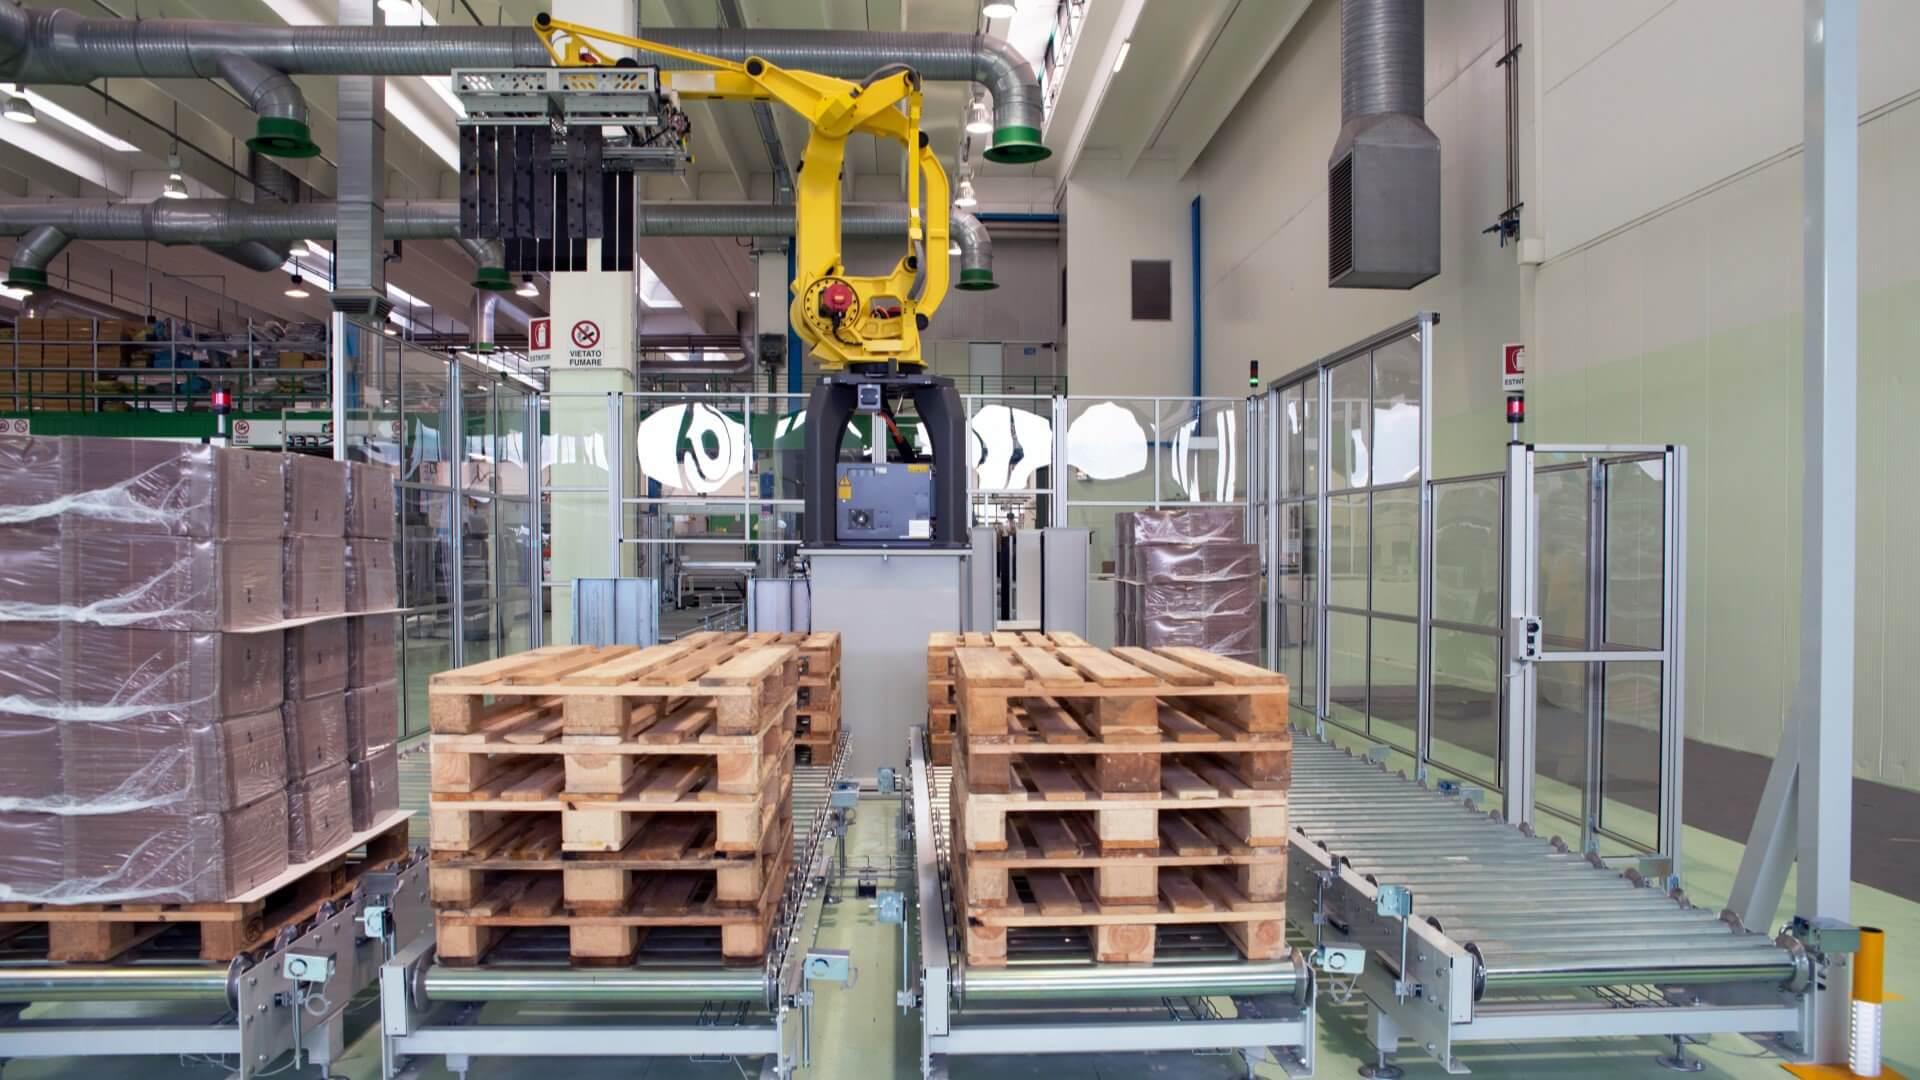 Stacja do paletyzacji / depaletyzacji – robot przemysłowy